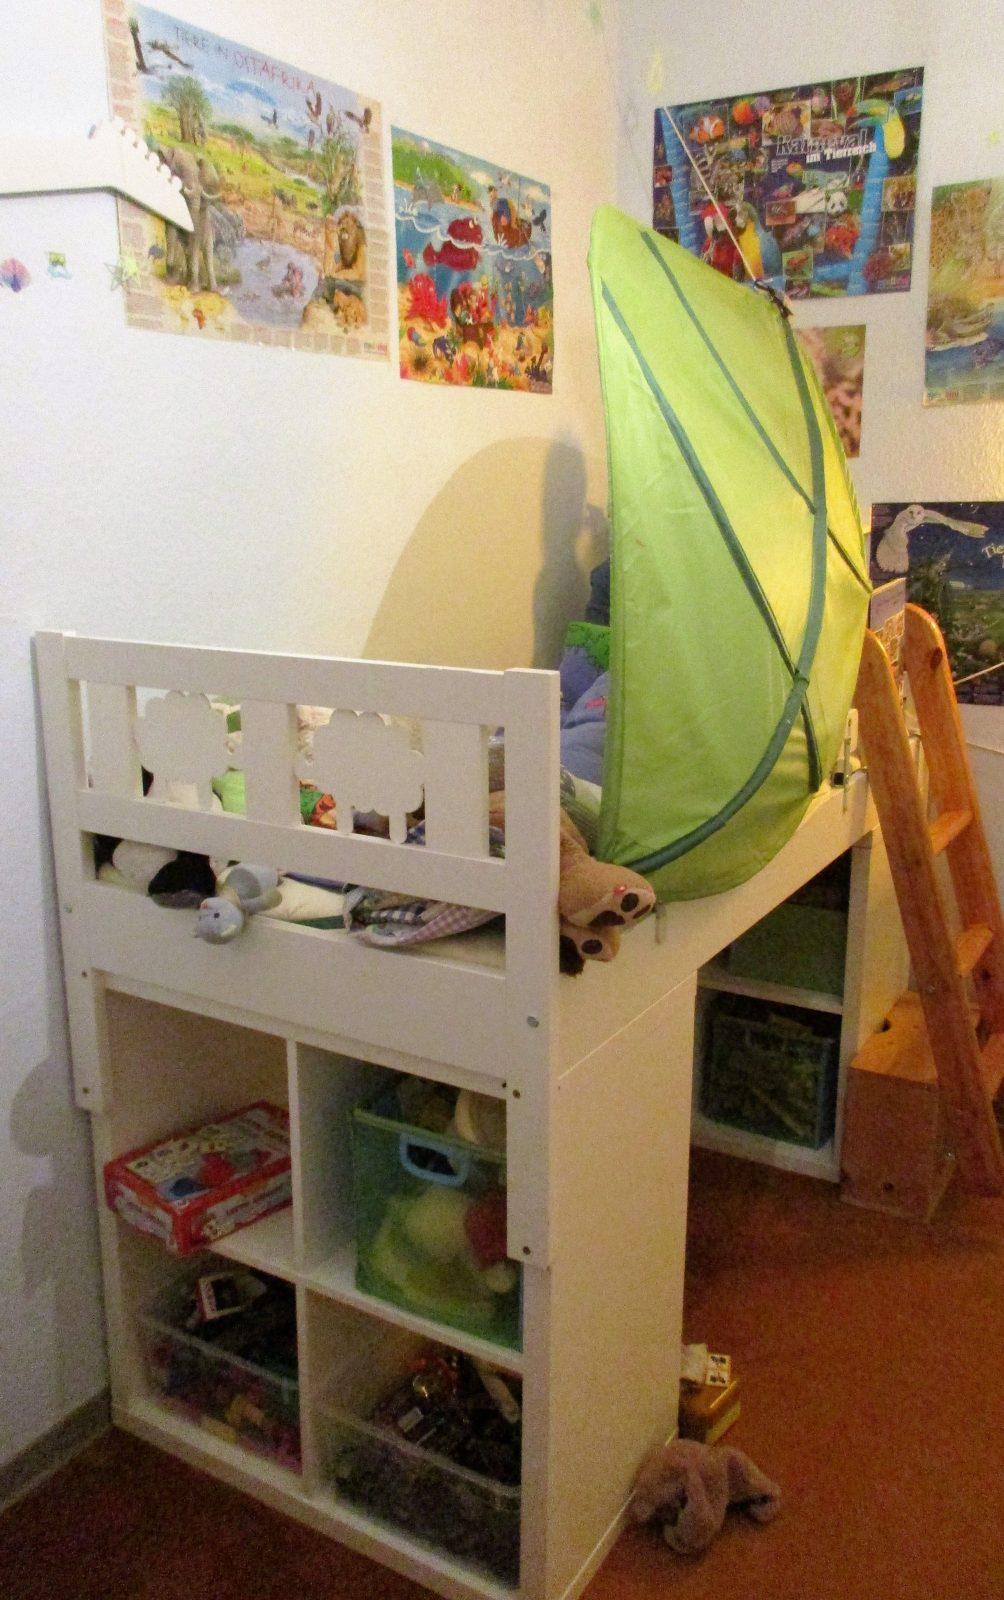 Hochbett Selber Bauen 2X Kallax Regal Von Ikea Unter Das Bett von Leiter Für Hochbett Selber Bauen Bild